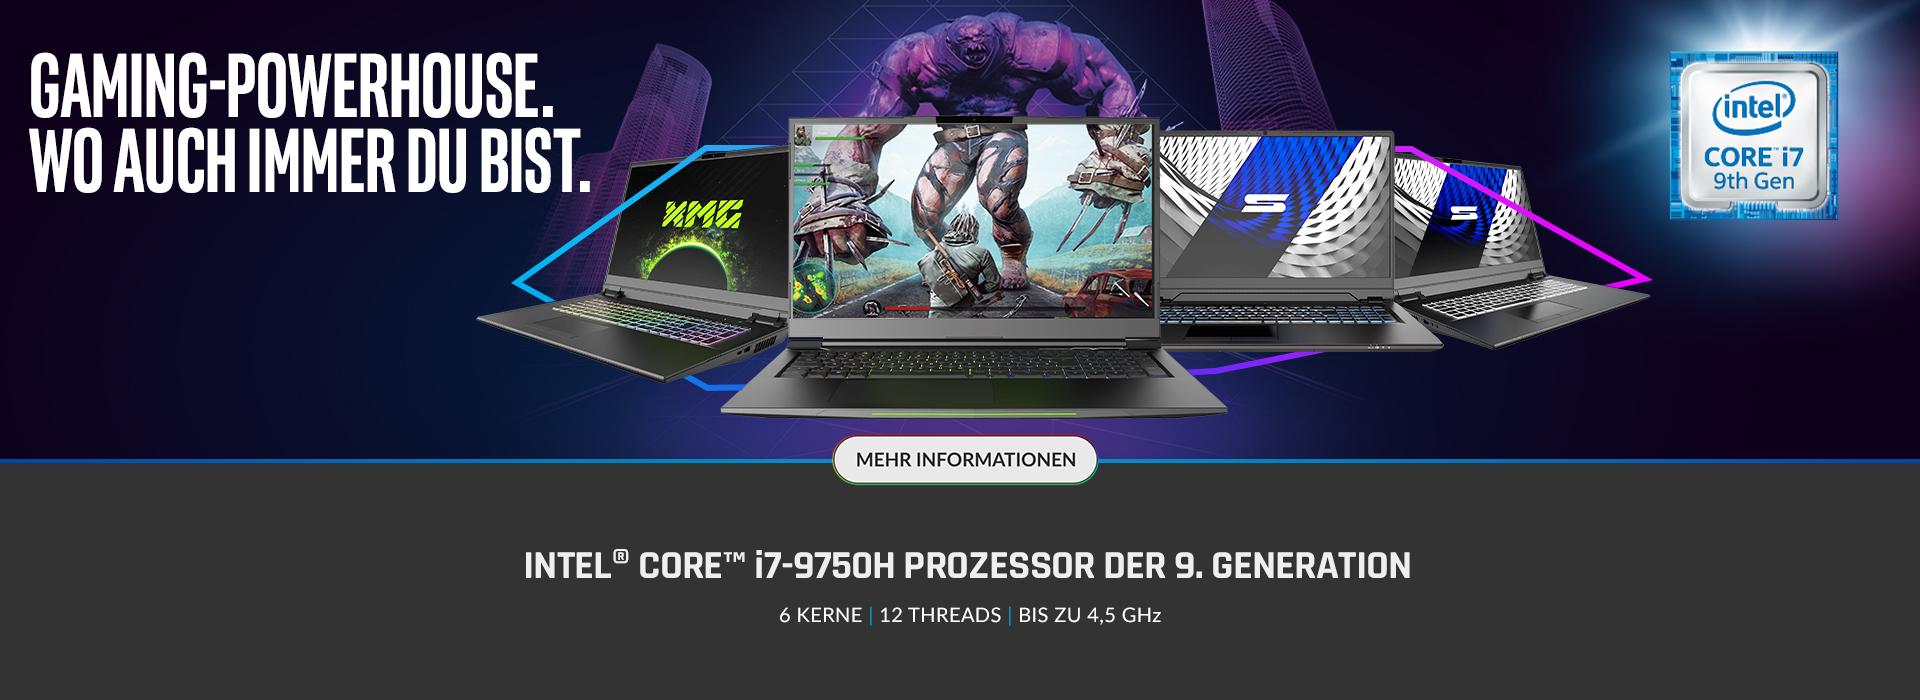 Interl Core i7-9750H